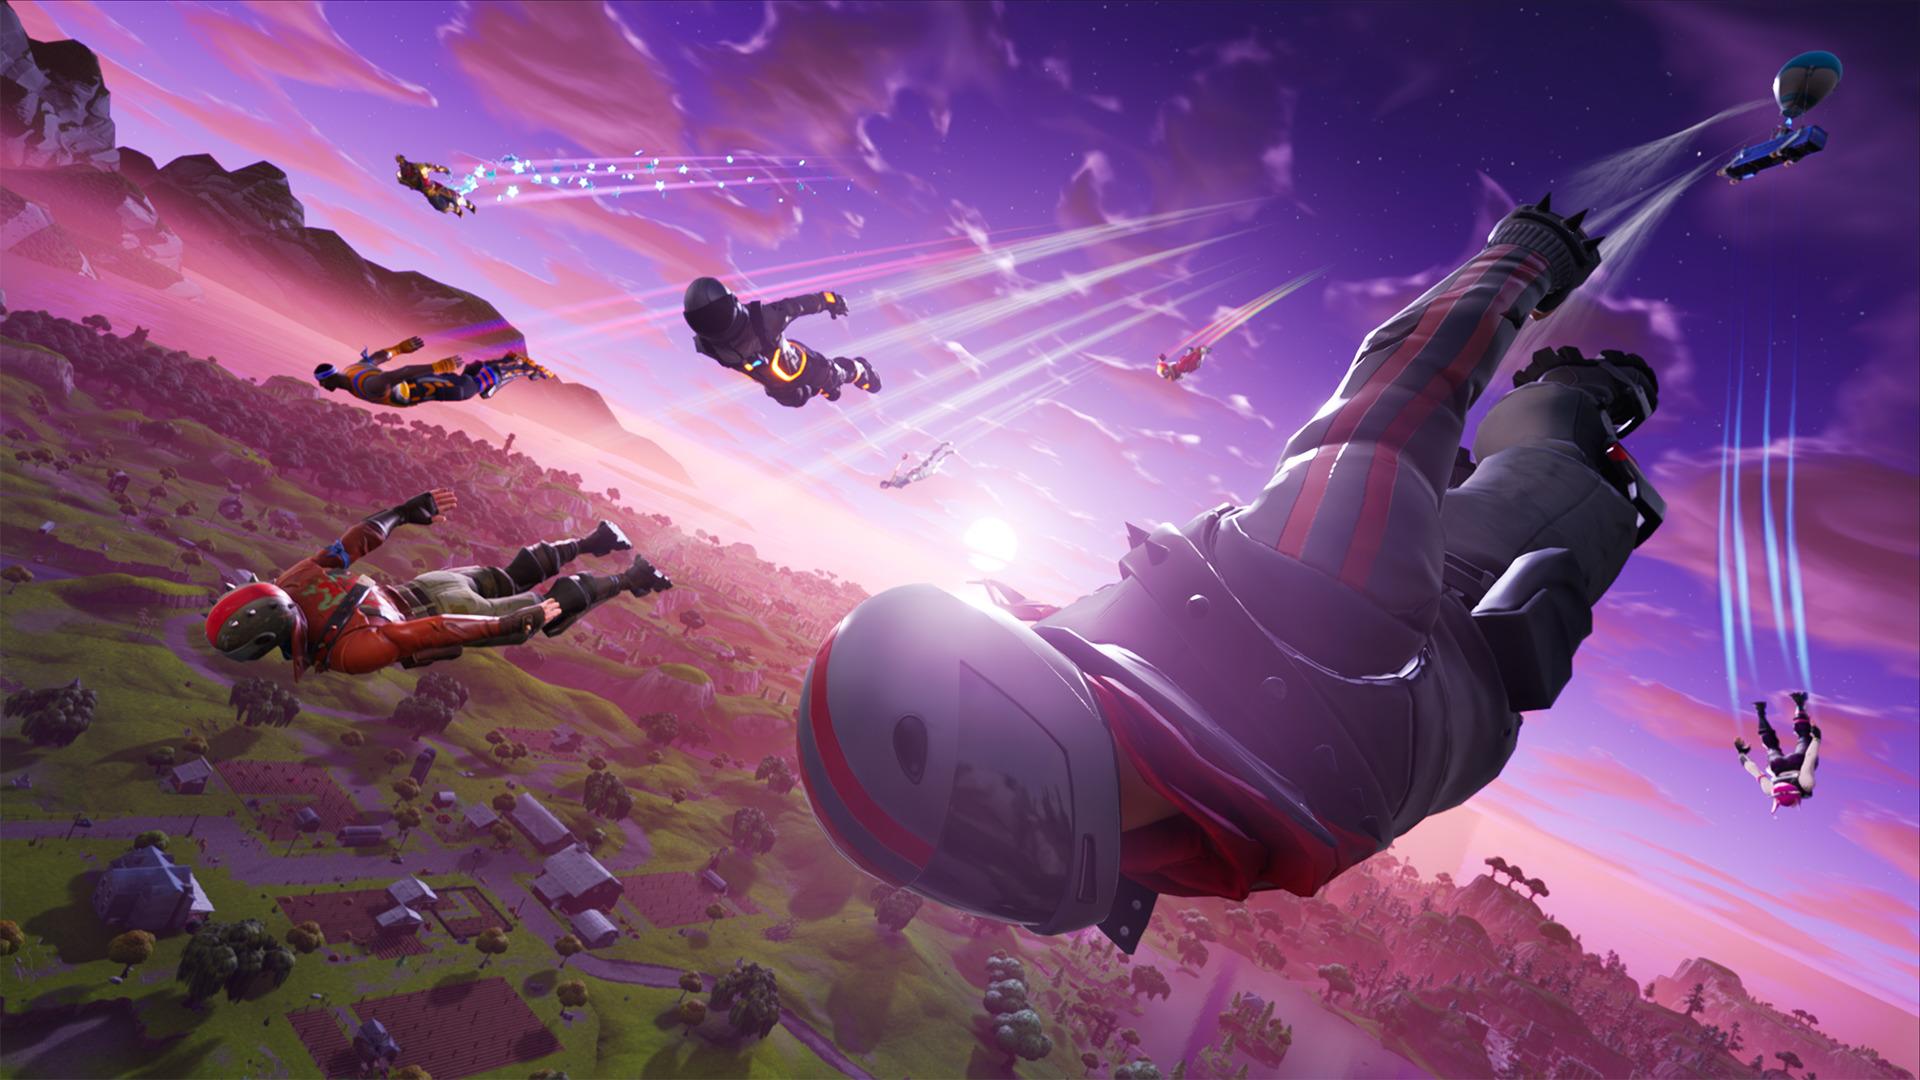 Download Fortnites Epic Games Now Valued At 15 Billion Fortnite